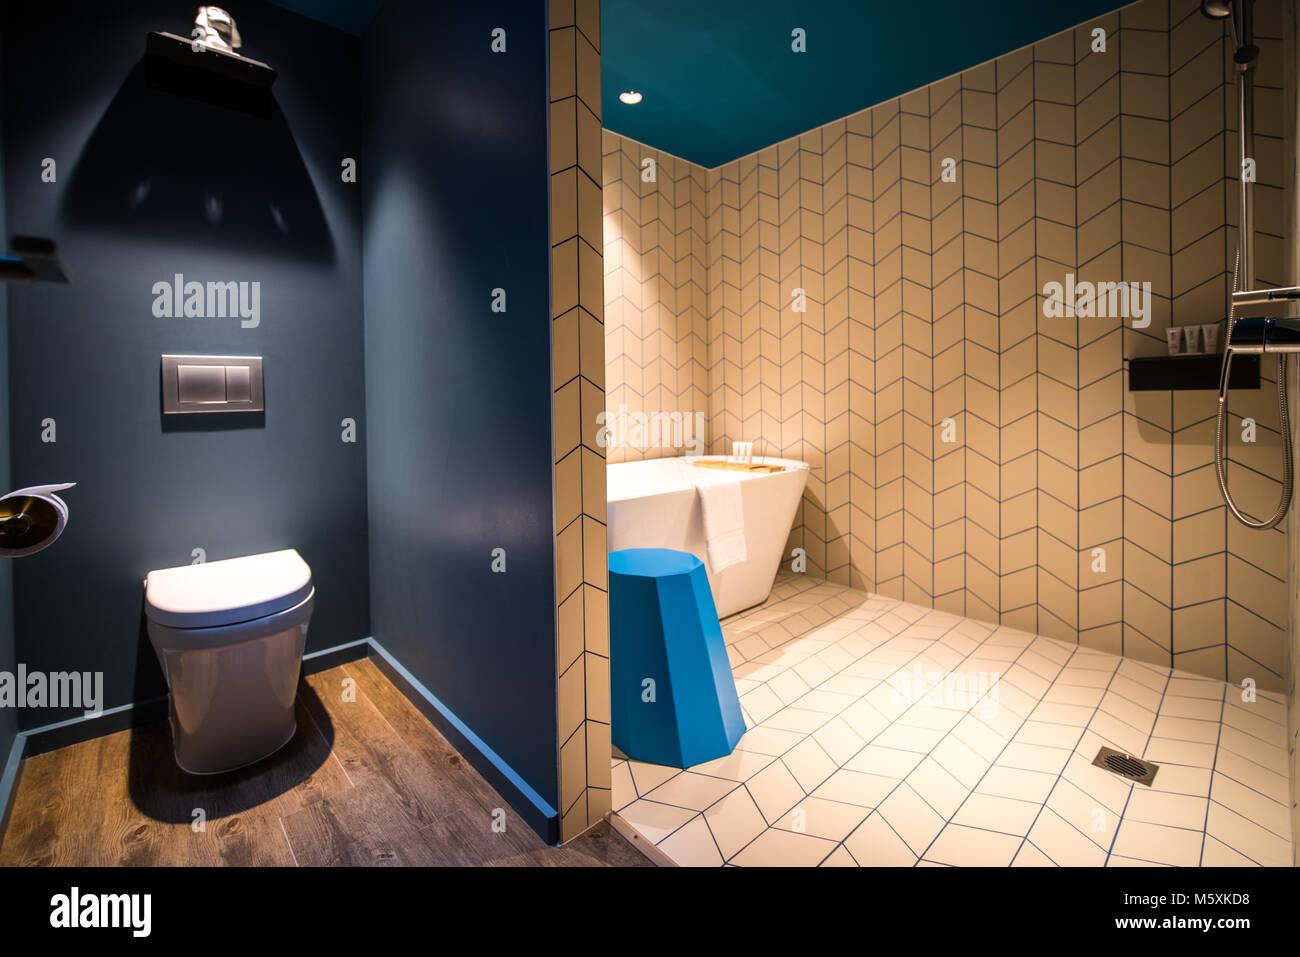 Il lusso di un bagno moderno con vasca da bagno asciugamani bianchi